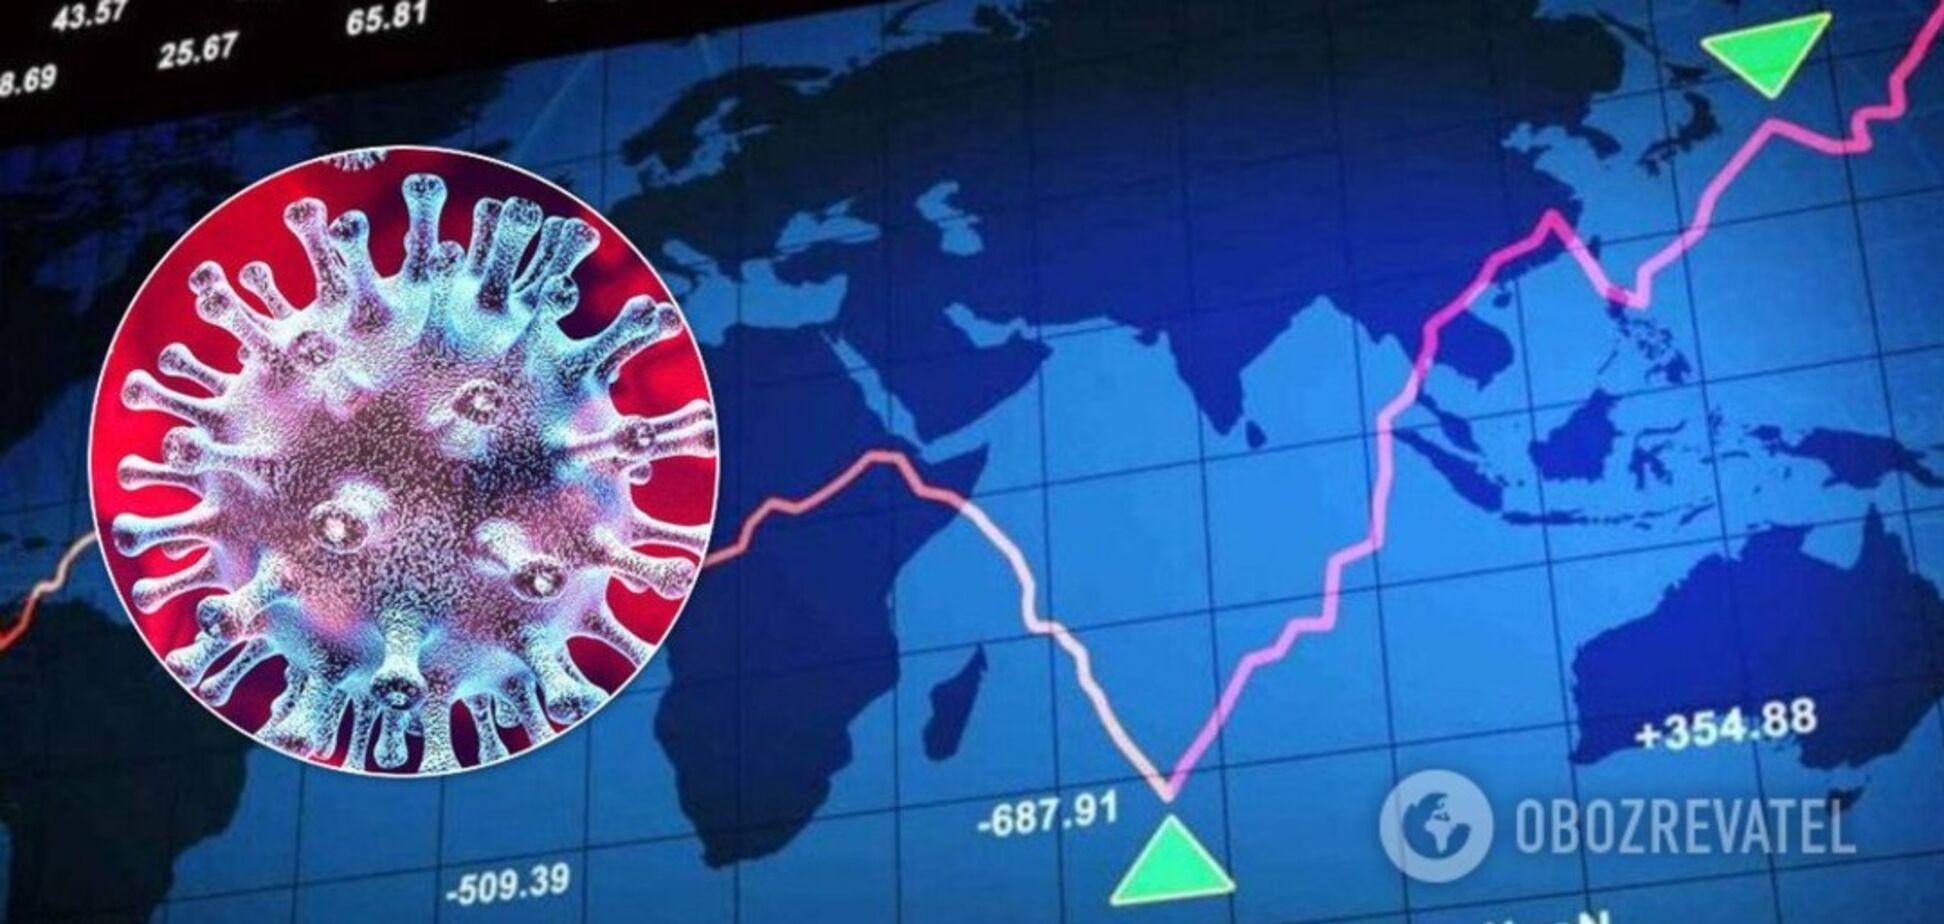 Мировой кризис из-за коронавируса